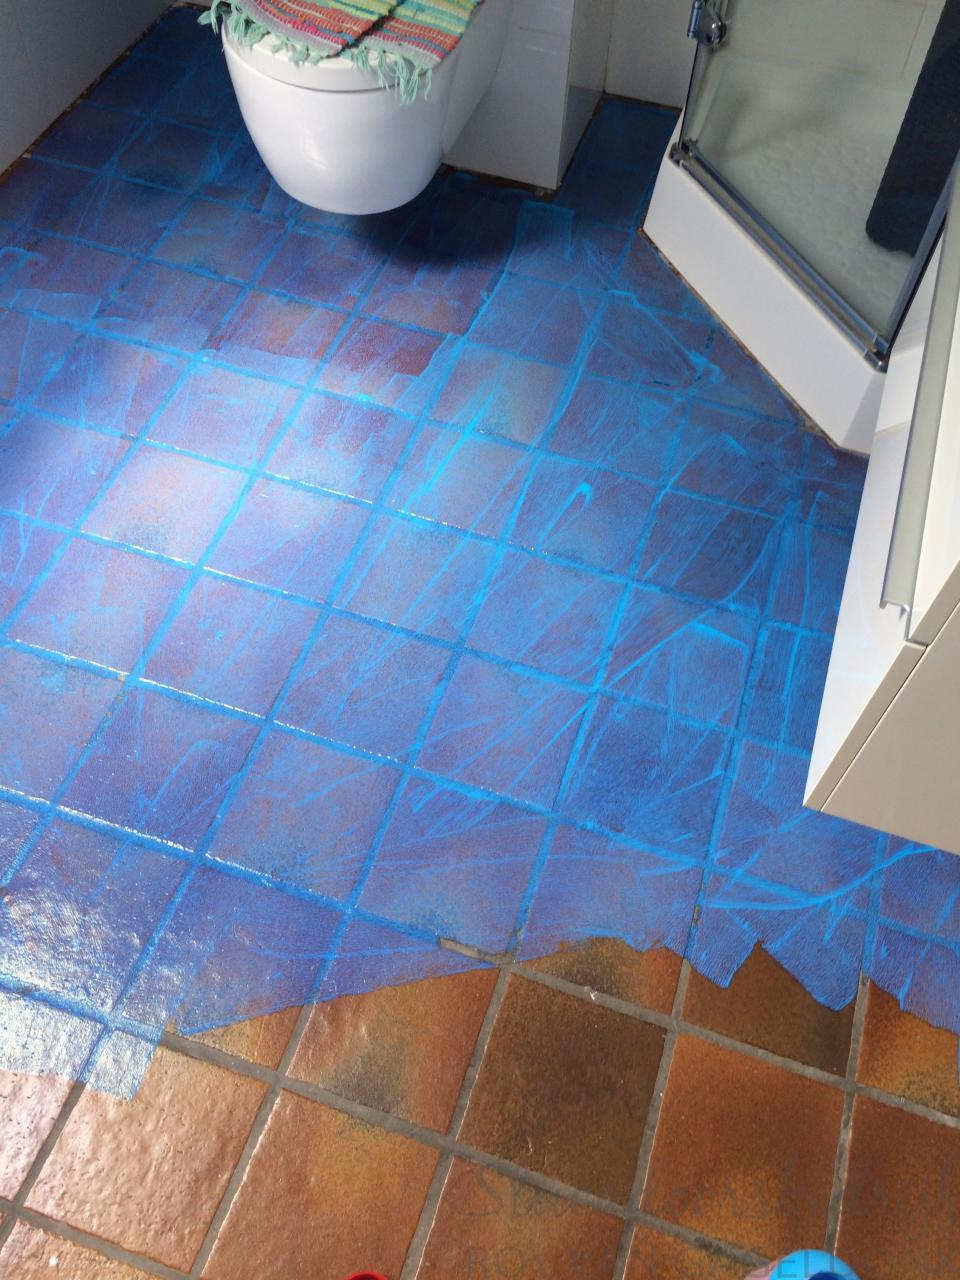 Badkamervloer met betonstuc stucadoorsbedrijf roy van gageldonk - Badkamer vloer ...